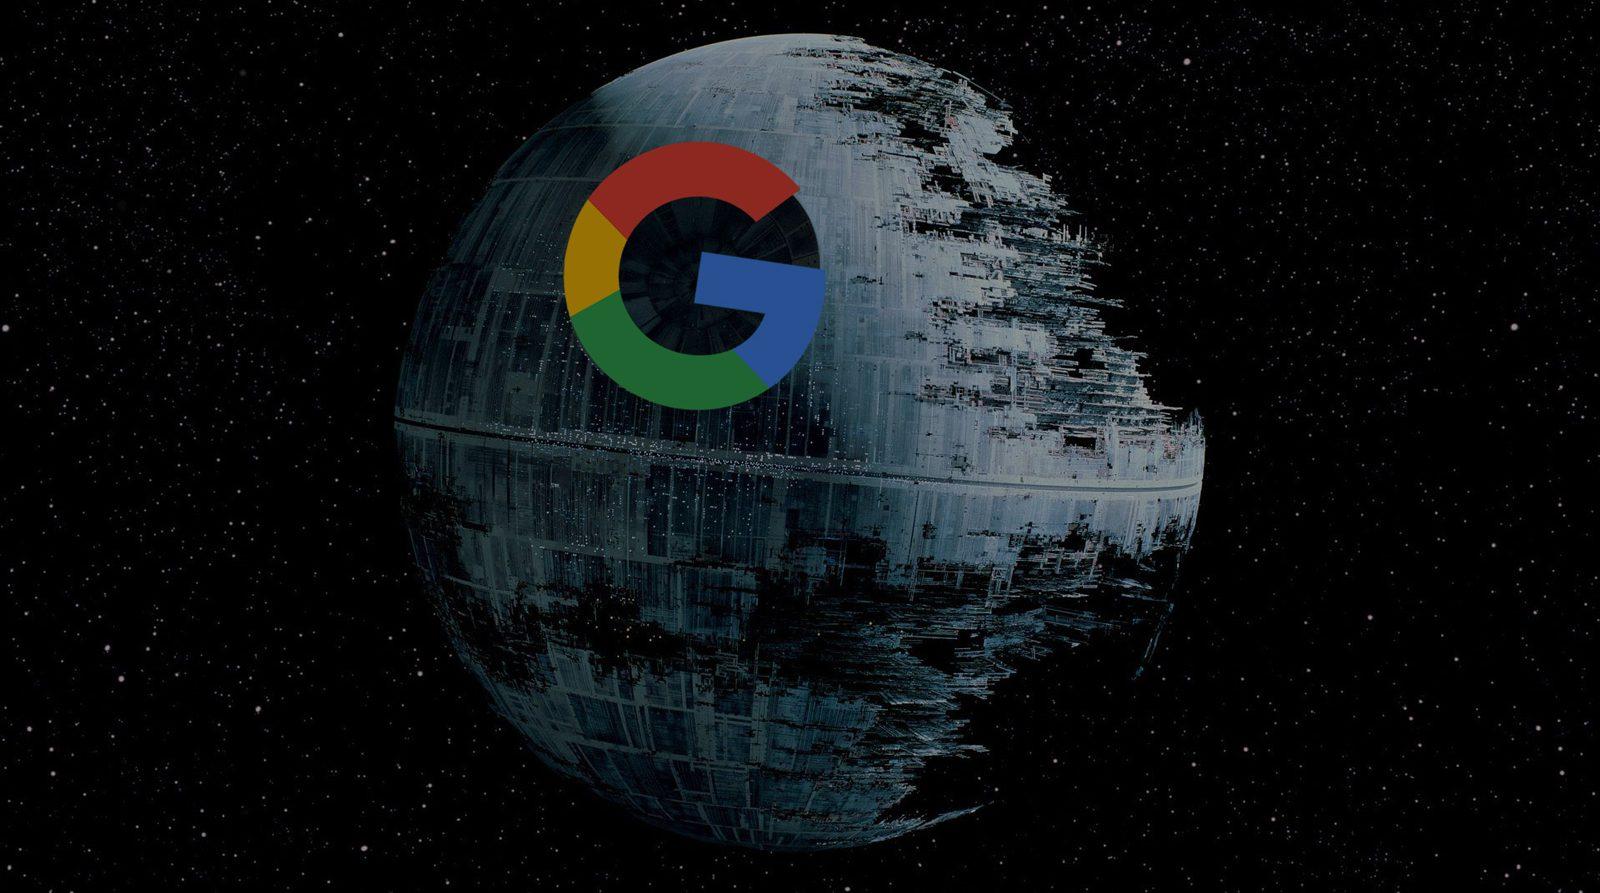 Google a-t-il basculé du côté obscur?